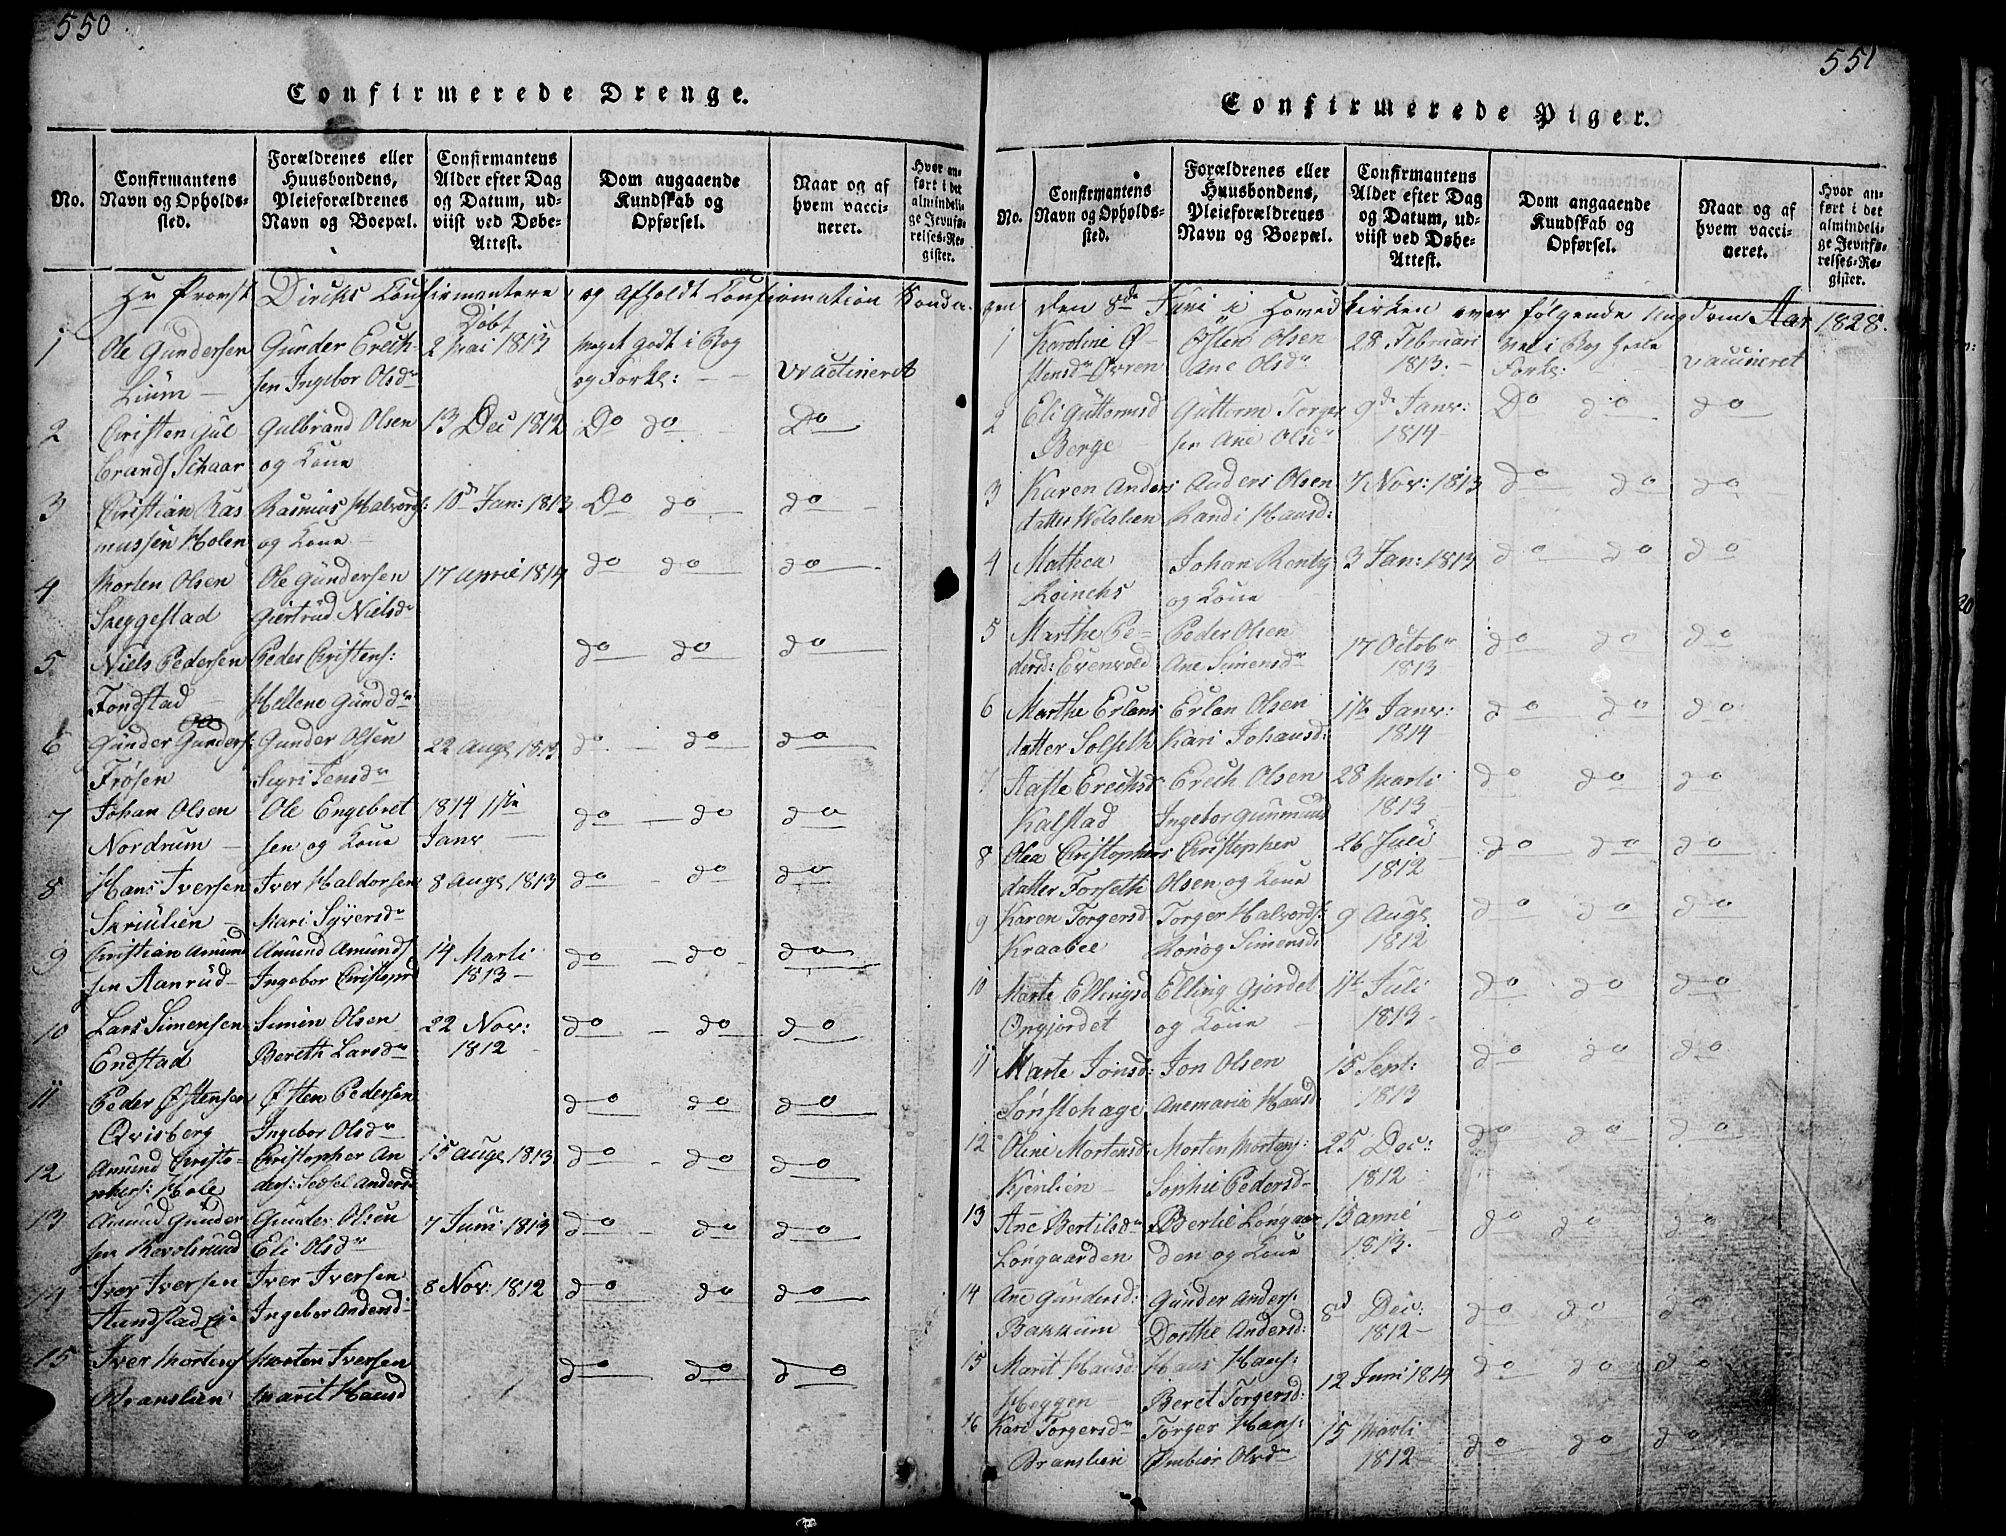 SAH, Gausdal prestekontor, Klokkerbok nr. 1, 1817-1848, s. 550-551